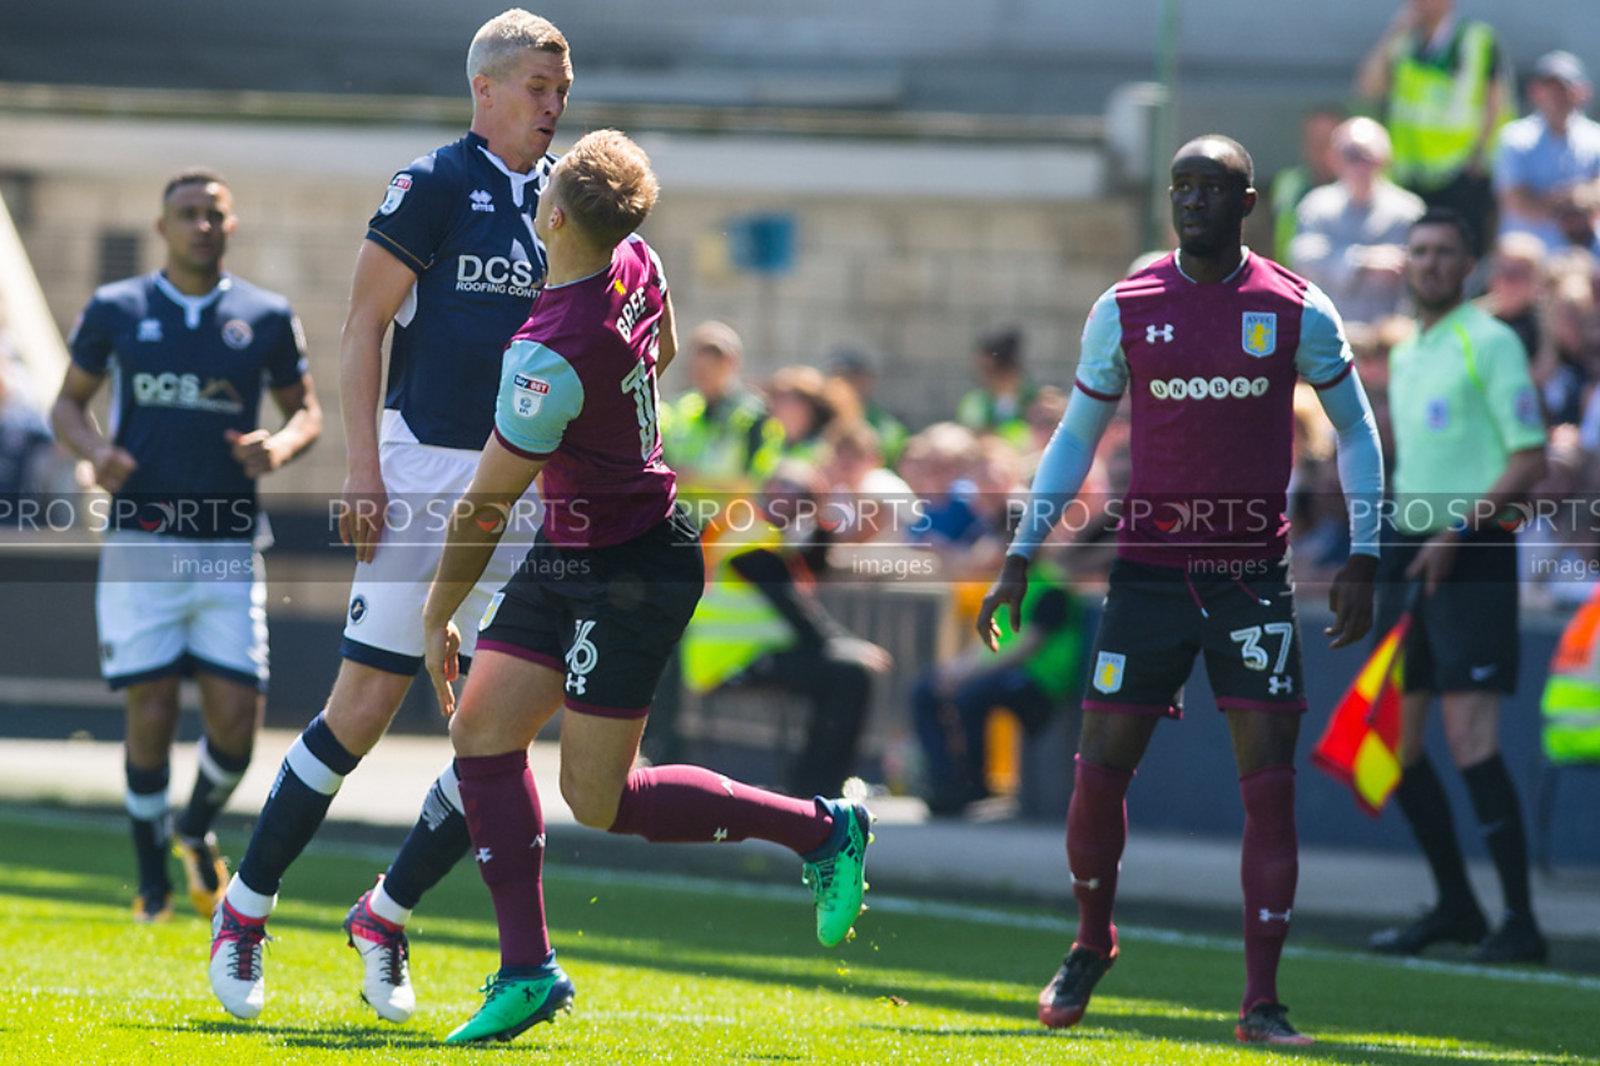 Millwall Vs Aston Villa 6 May 2018